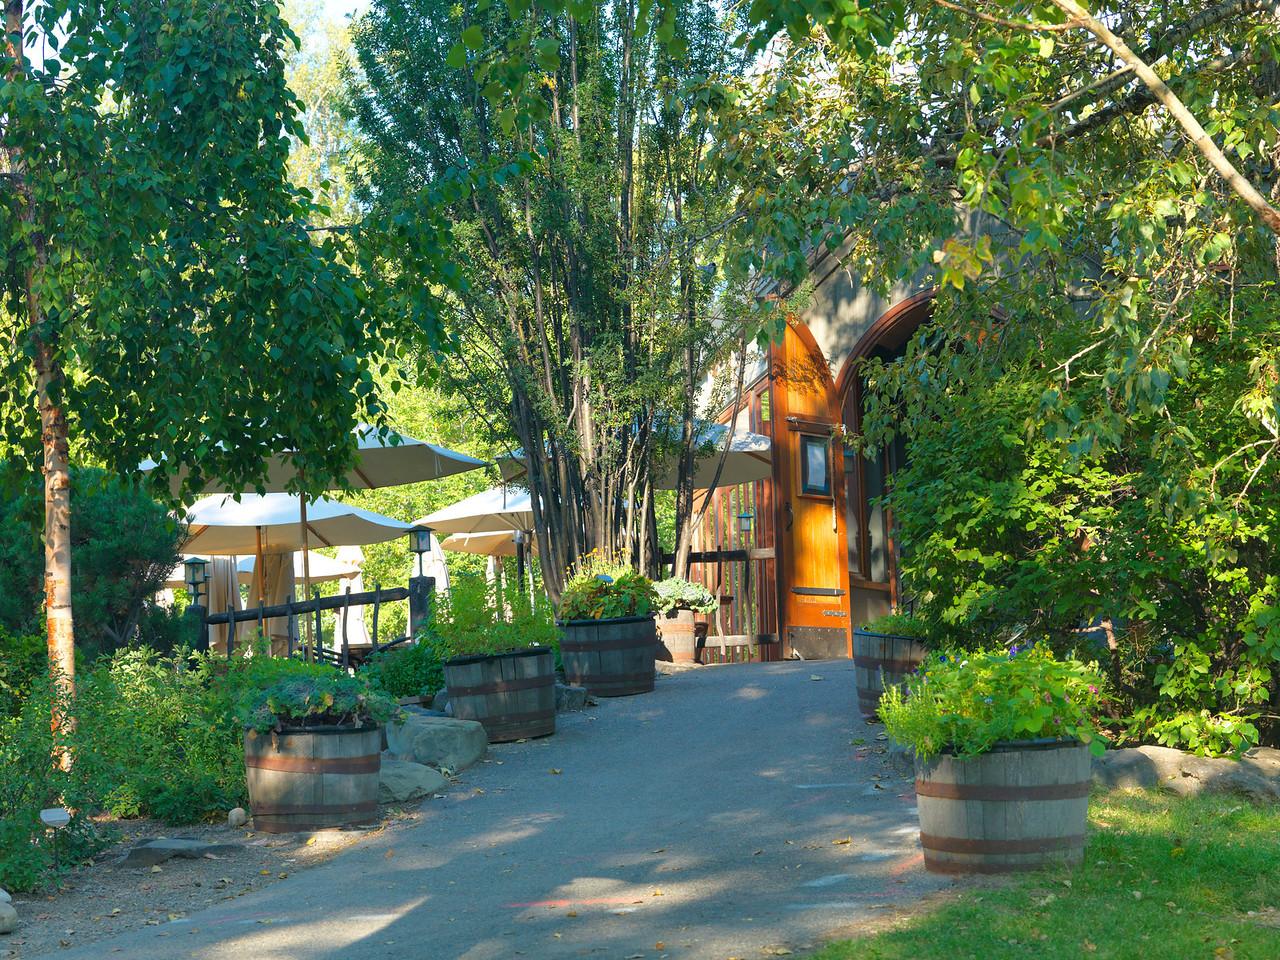 River Café Entrance & Patio Summer